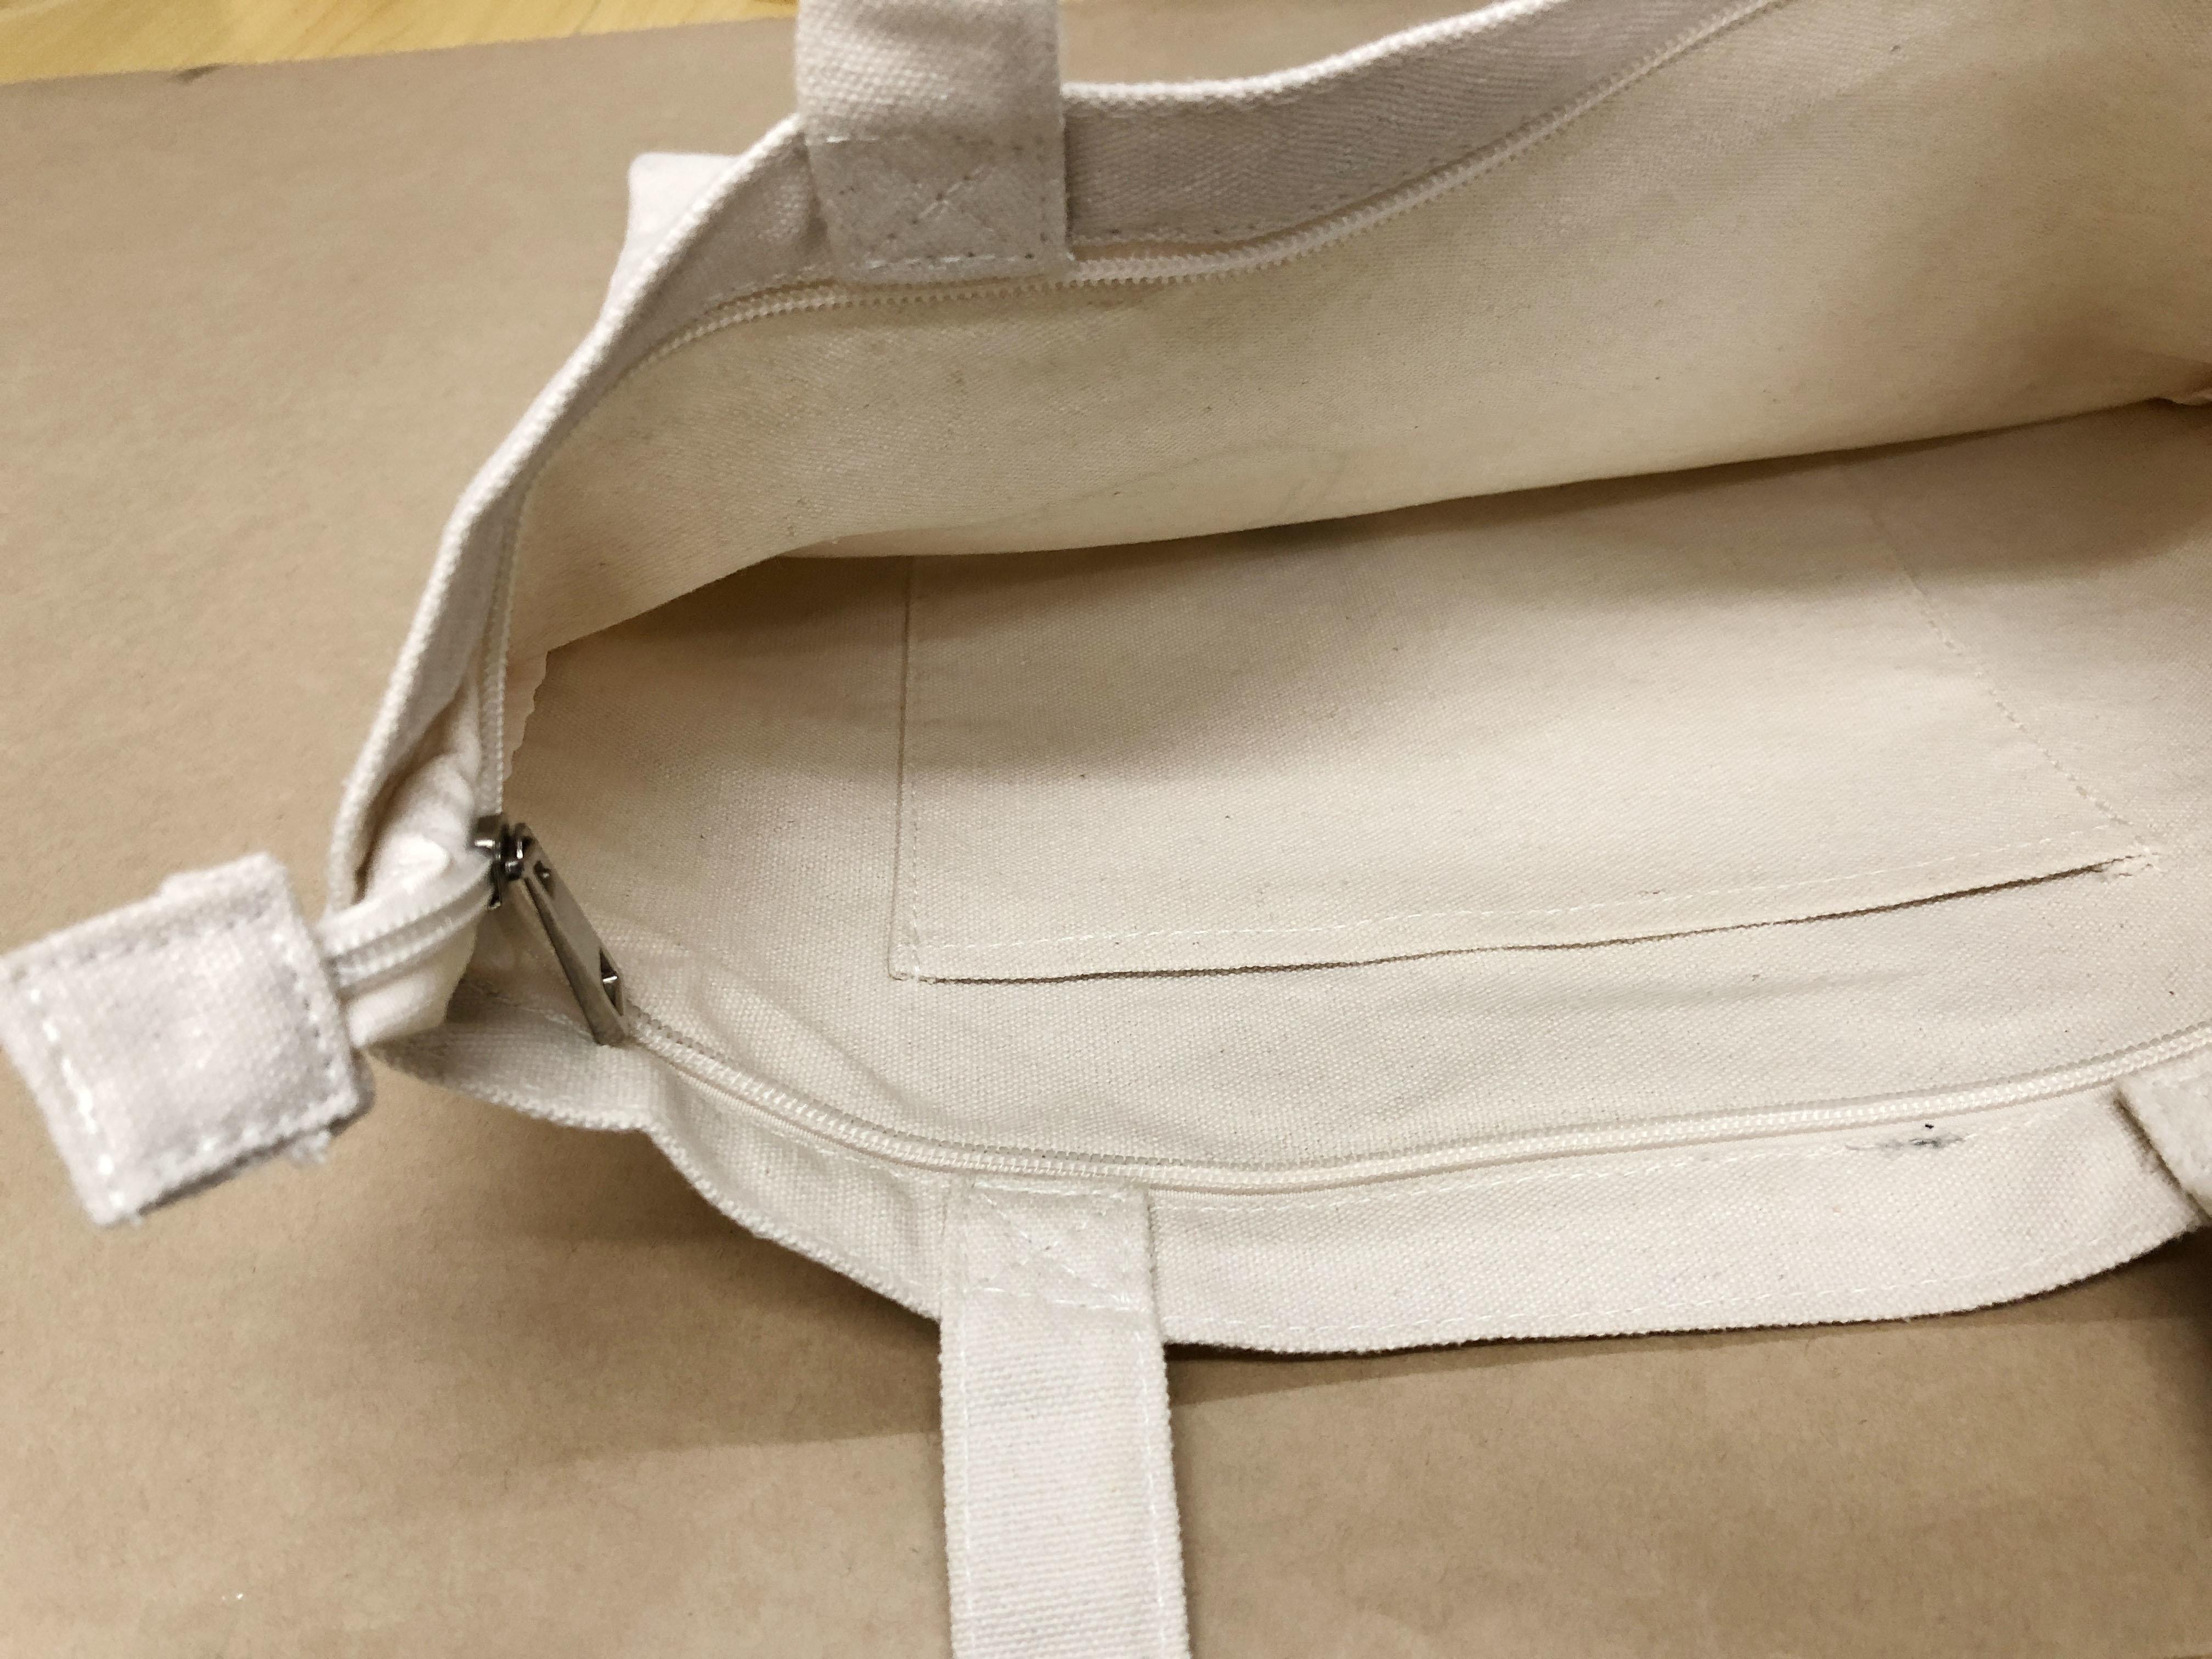 對抗威權系列 — 在頹垣中創造希望 布袋|厚布料,揹帶 27cm 高